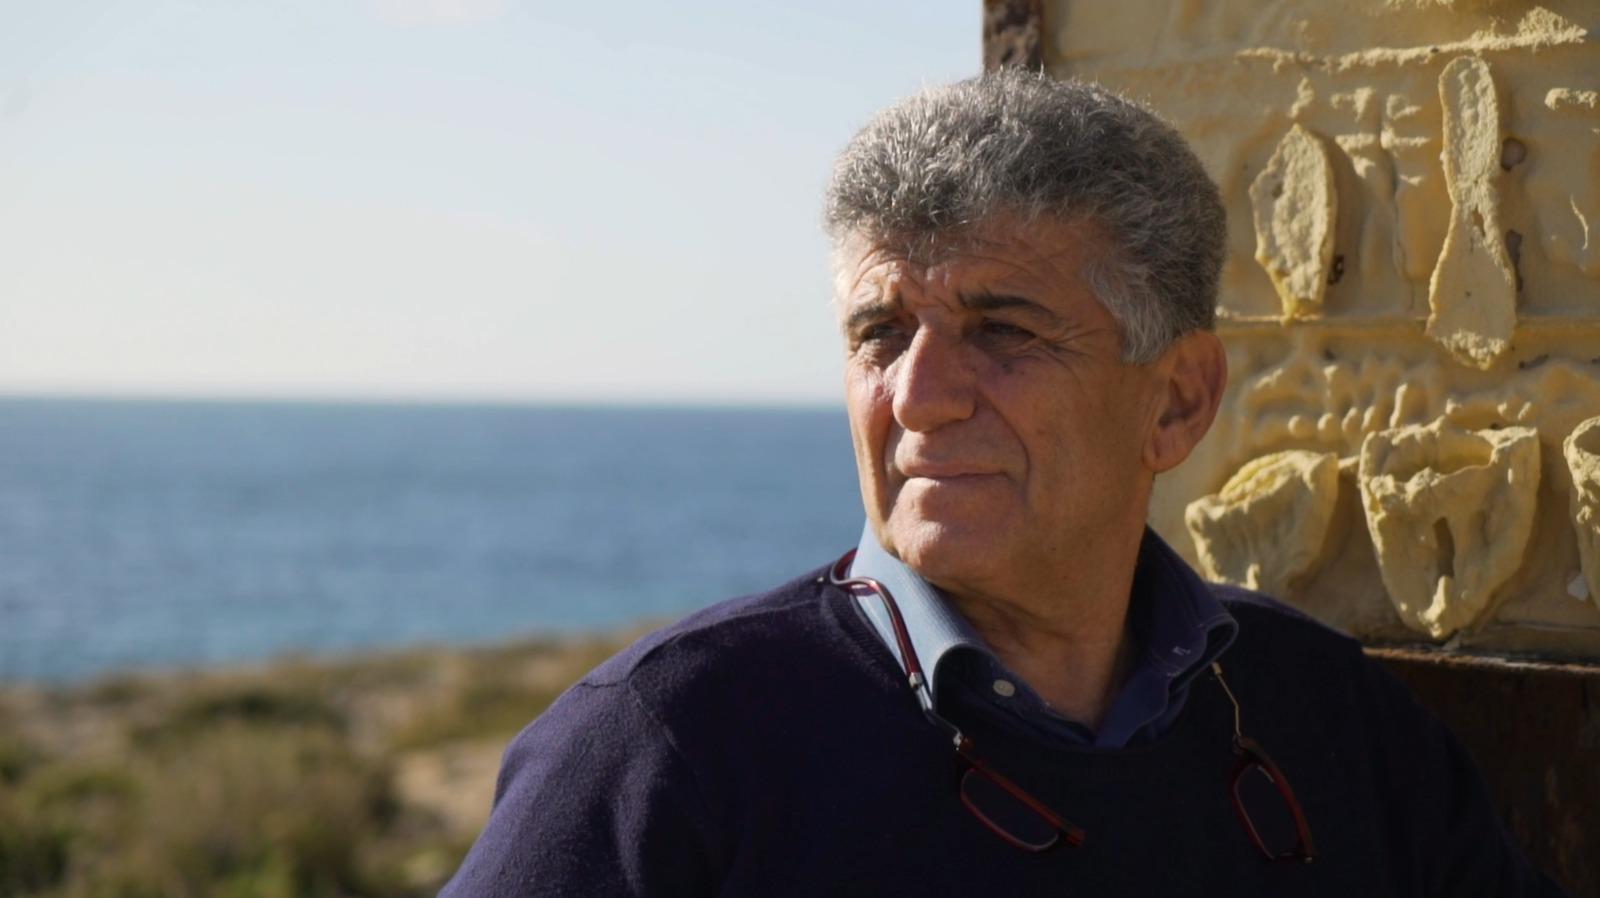 """Pietro Bartolo, il medico di Lampedusa oggi europarlamentare: """"Sono a Bruxelles ma vorrei essere là con la mia gente"""""""